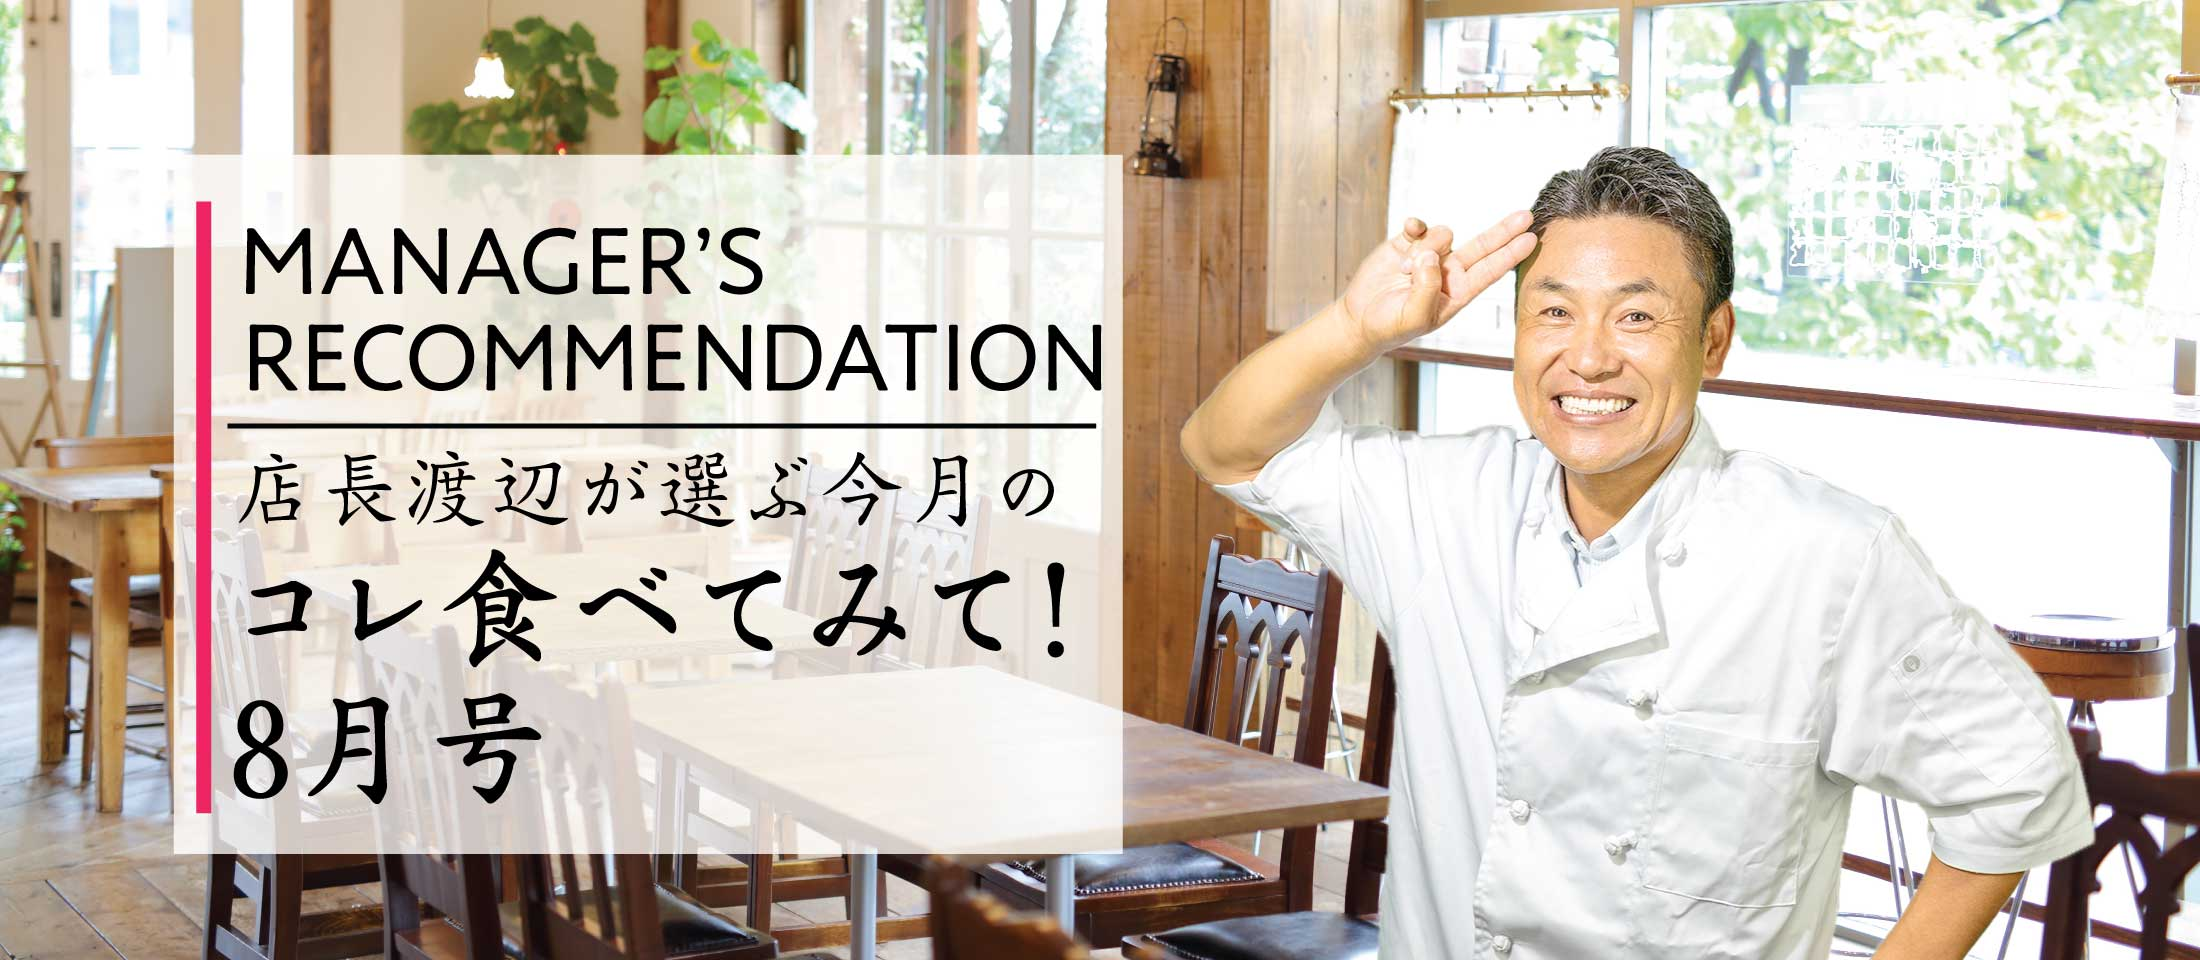 店長渡辺が選ぶ今月のコレ食べてみて!8月号 業務用食品・冷凍食品おすすめ 業務用食品・冷凍食品の通販 |ナカヤマフーズ